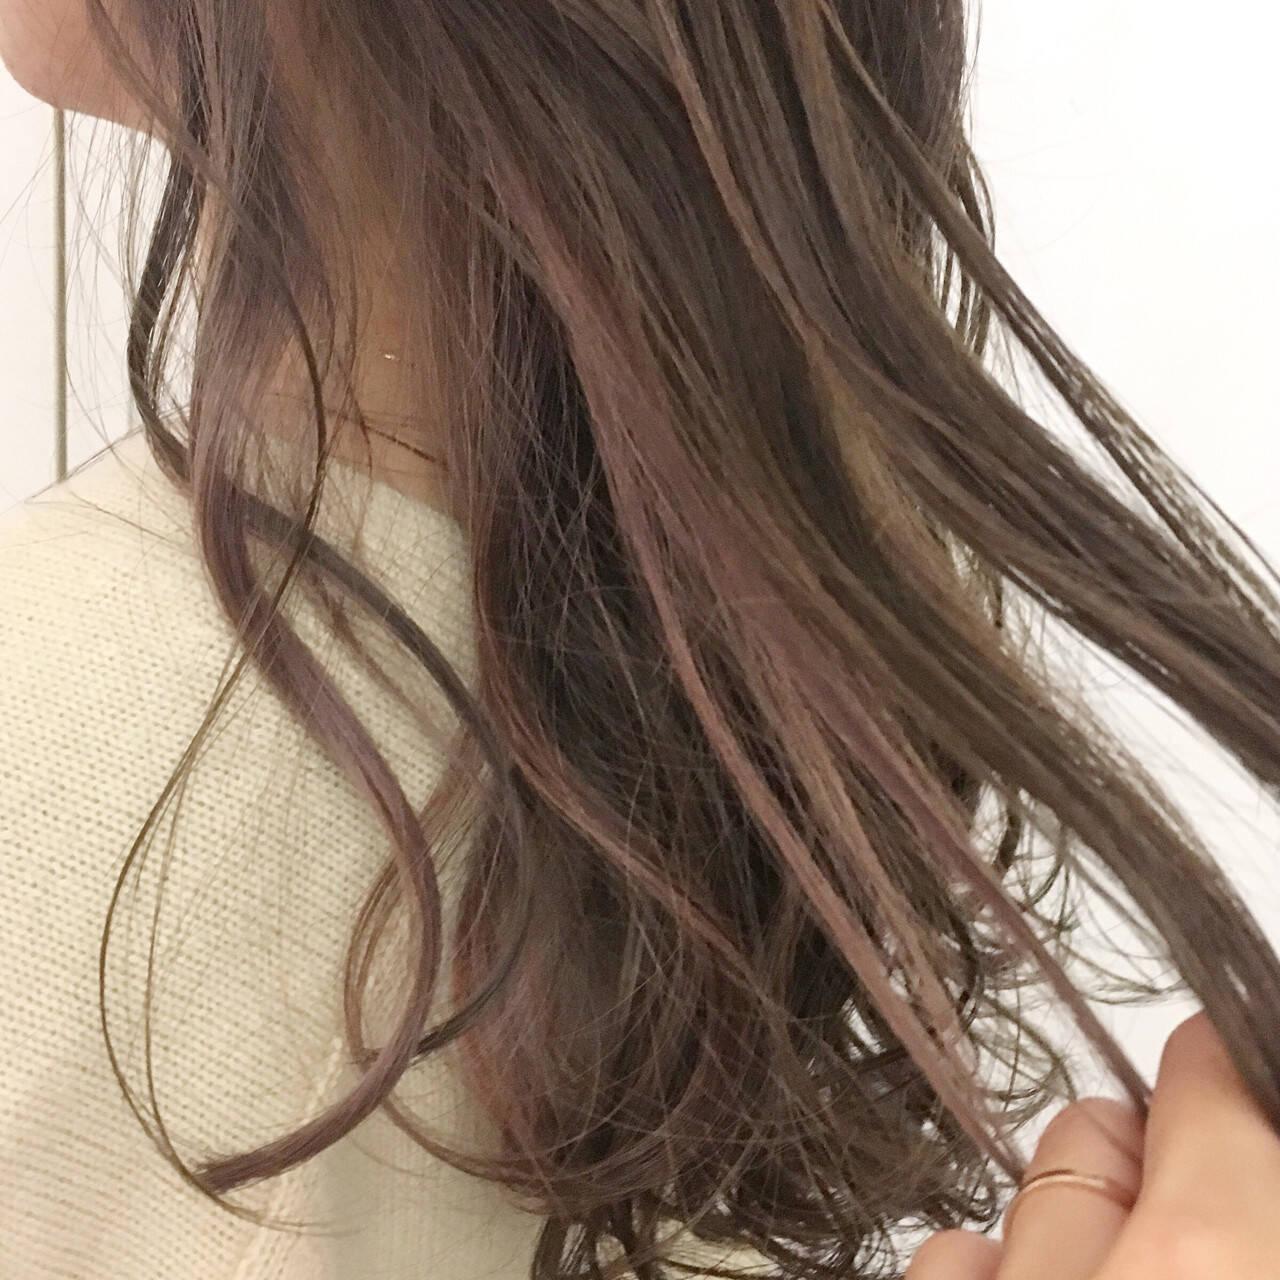 グラデーションカラー ロング ウェーブ ピンクアッシュヘアスタイルや髪型の写真・画像